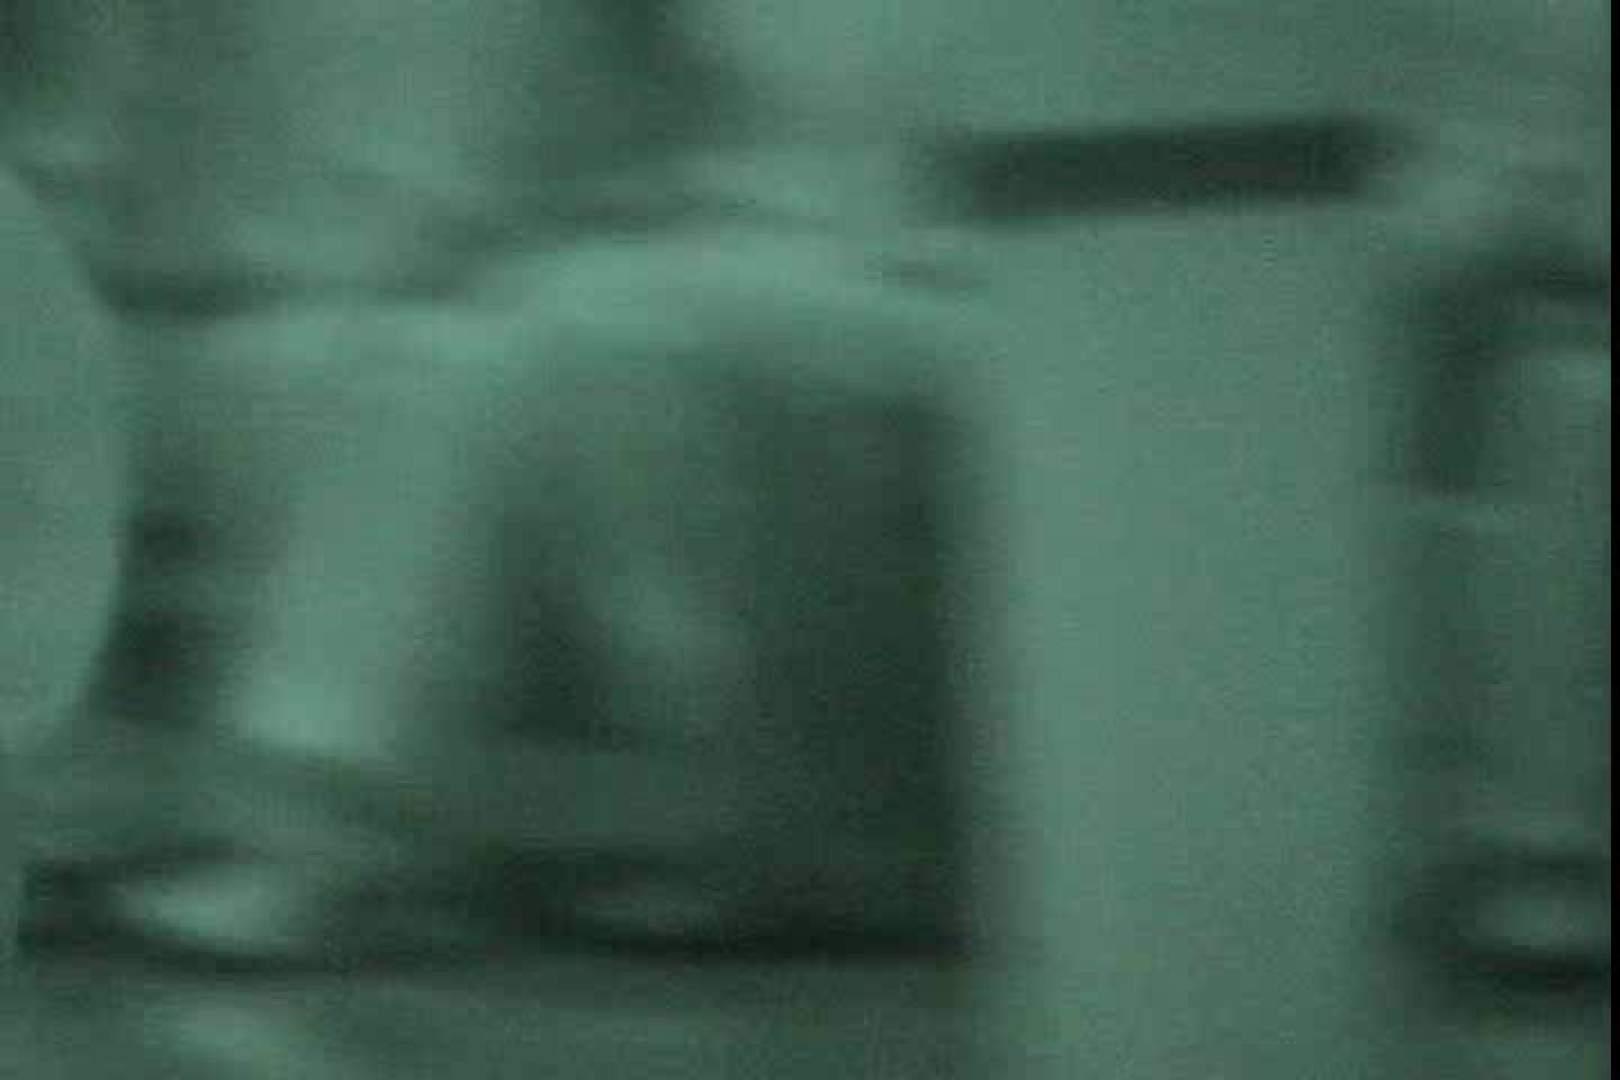 赤外線ムレスケバレー(汗) vol.05 アスリート SEX無修正画像 58連発 56